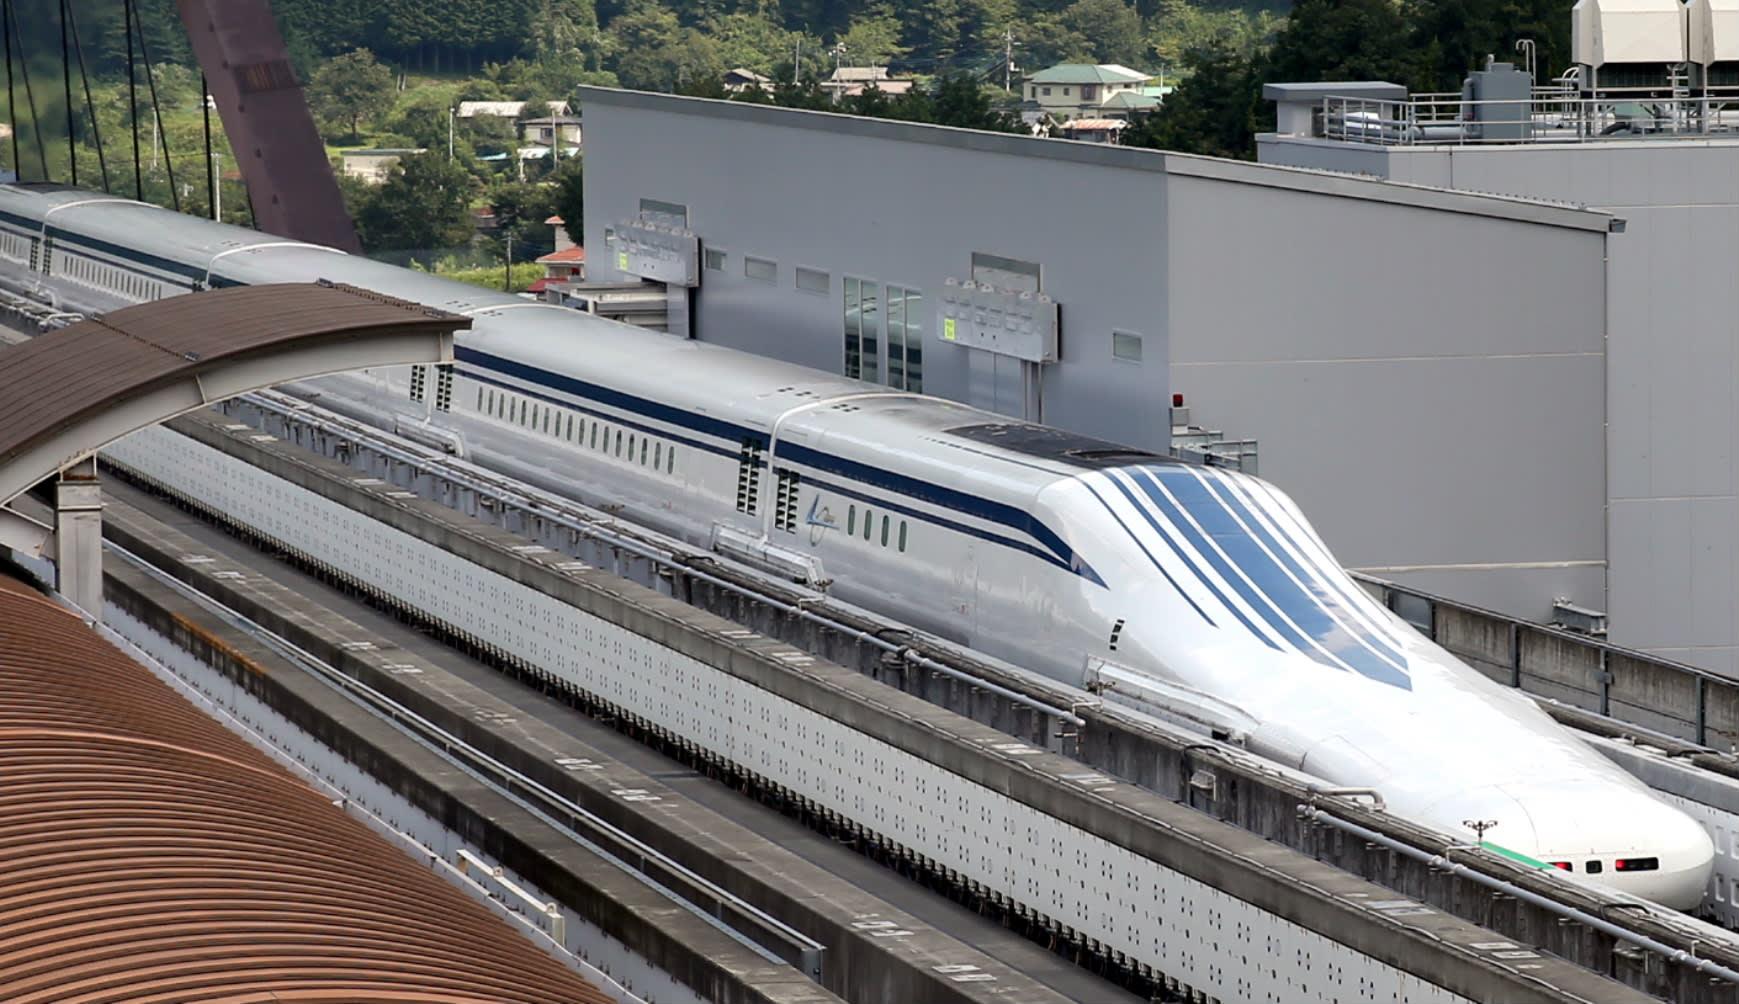 Tàu maglev (Chuo Shinkansen) của Nhật Bản có thể chạy với tốc độ tối đa lên đến 603 km/h. Ảnh: Wikimedia.